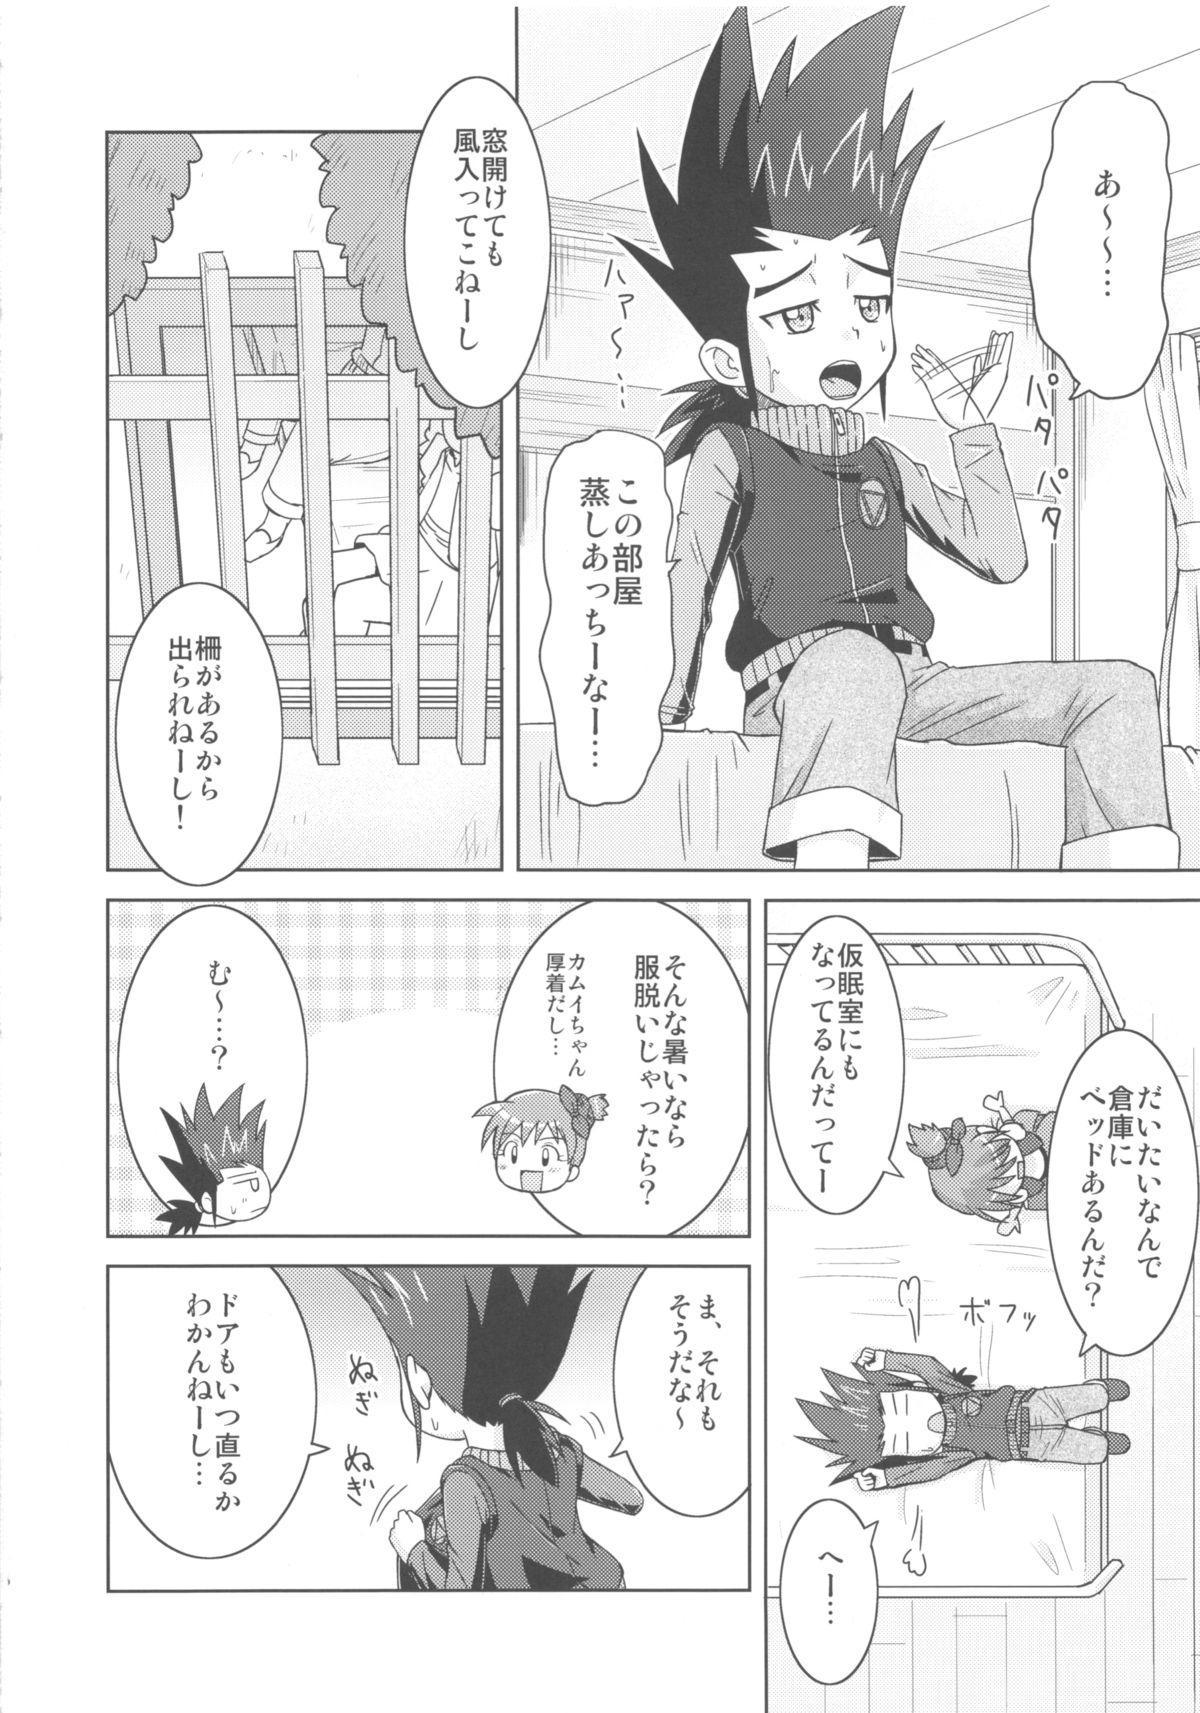 (Puniket 27) [Tori no Ya (Mashikodori)] Kamui-kun to Nagisa-chan to. (Cardfight!! Vanguard) 7